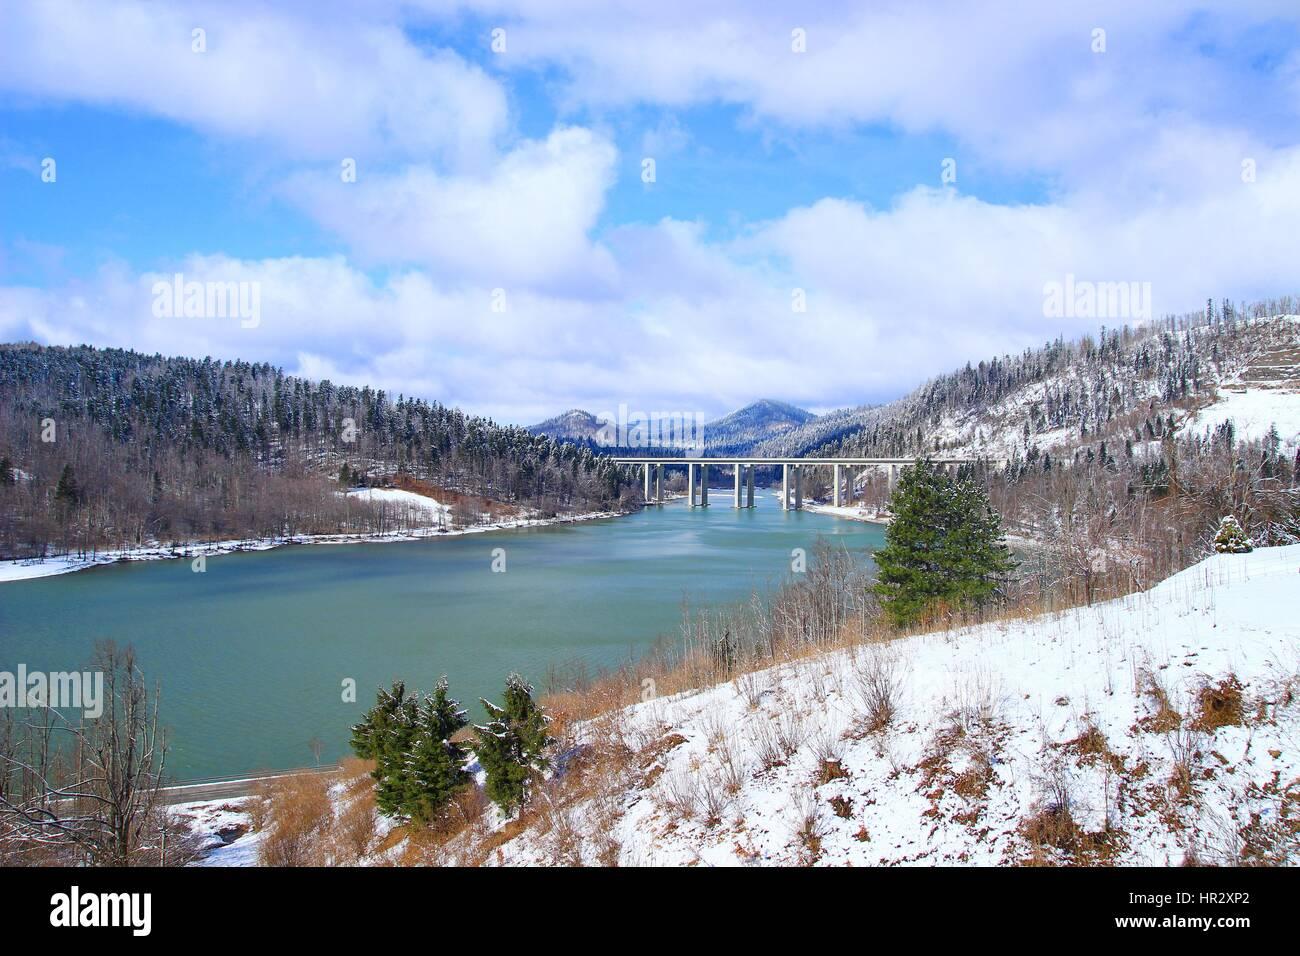 Bajer bridge motorway over lake Bajer in Fuzine, Gorski kotar, Croatia Stock Photo